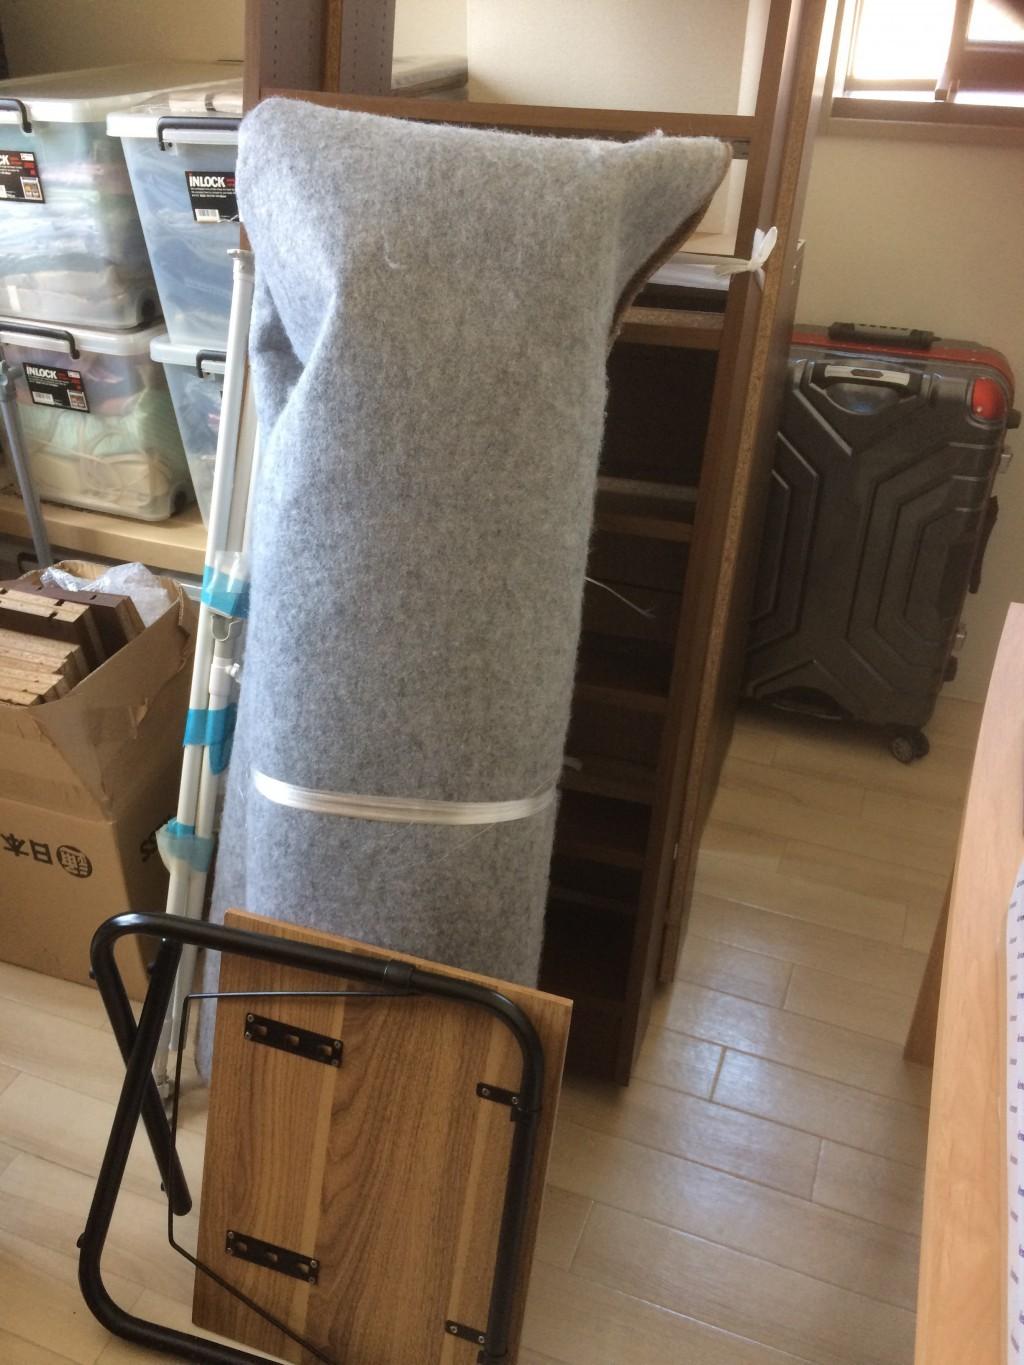 【岐阜市】不要になった家具と生活用品の回収 お客様の声